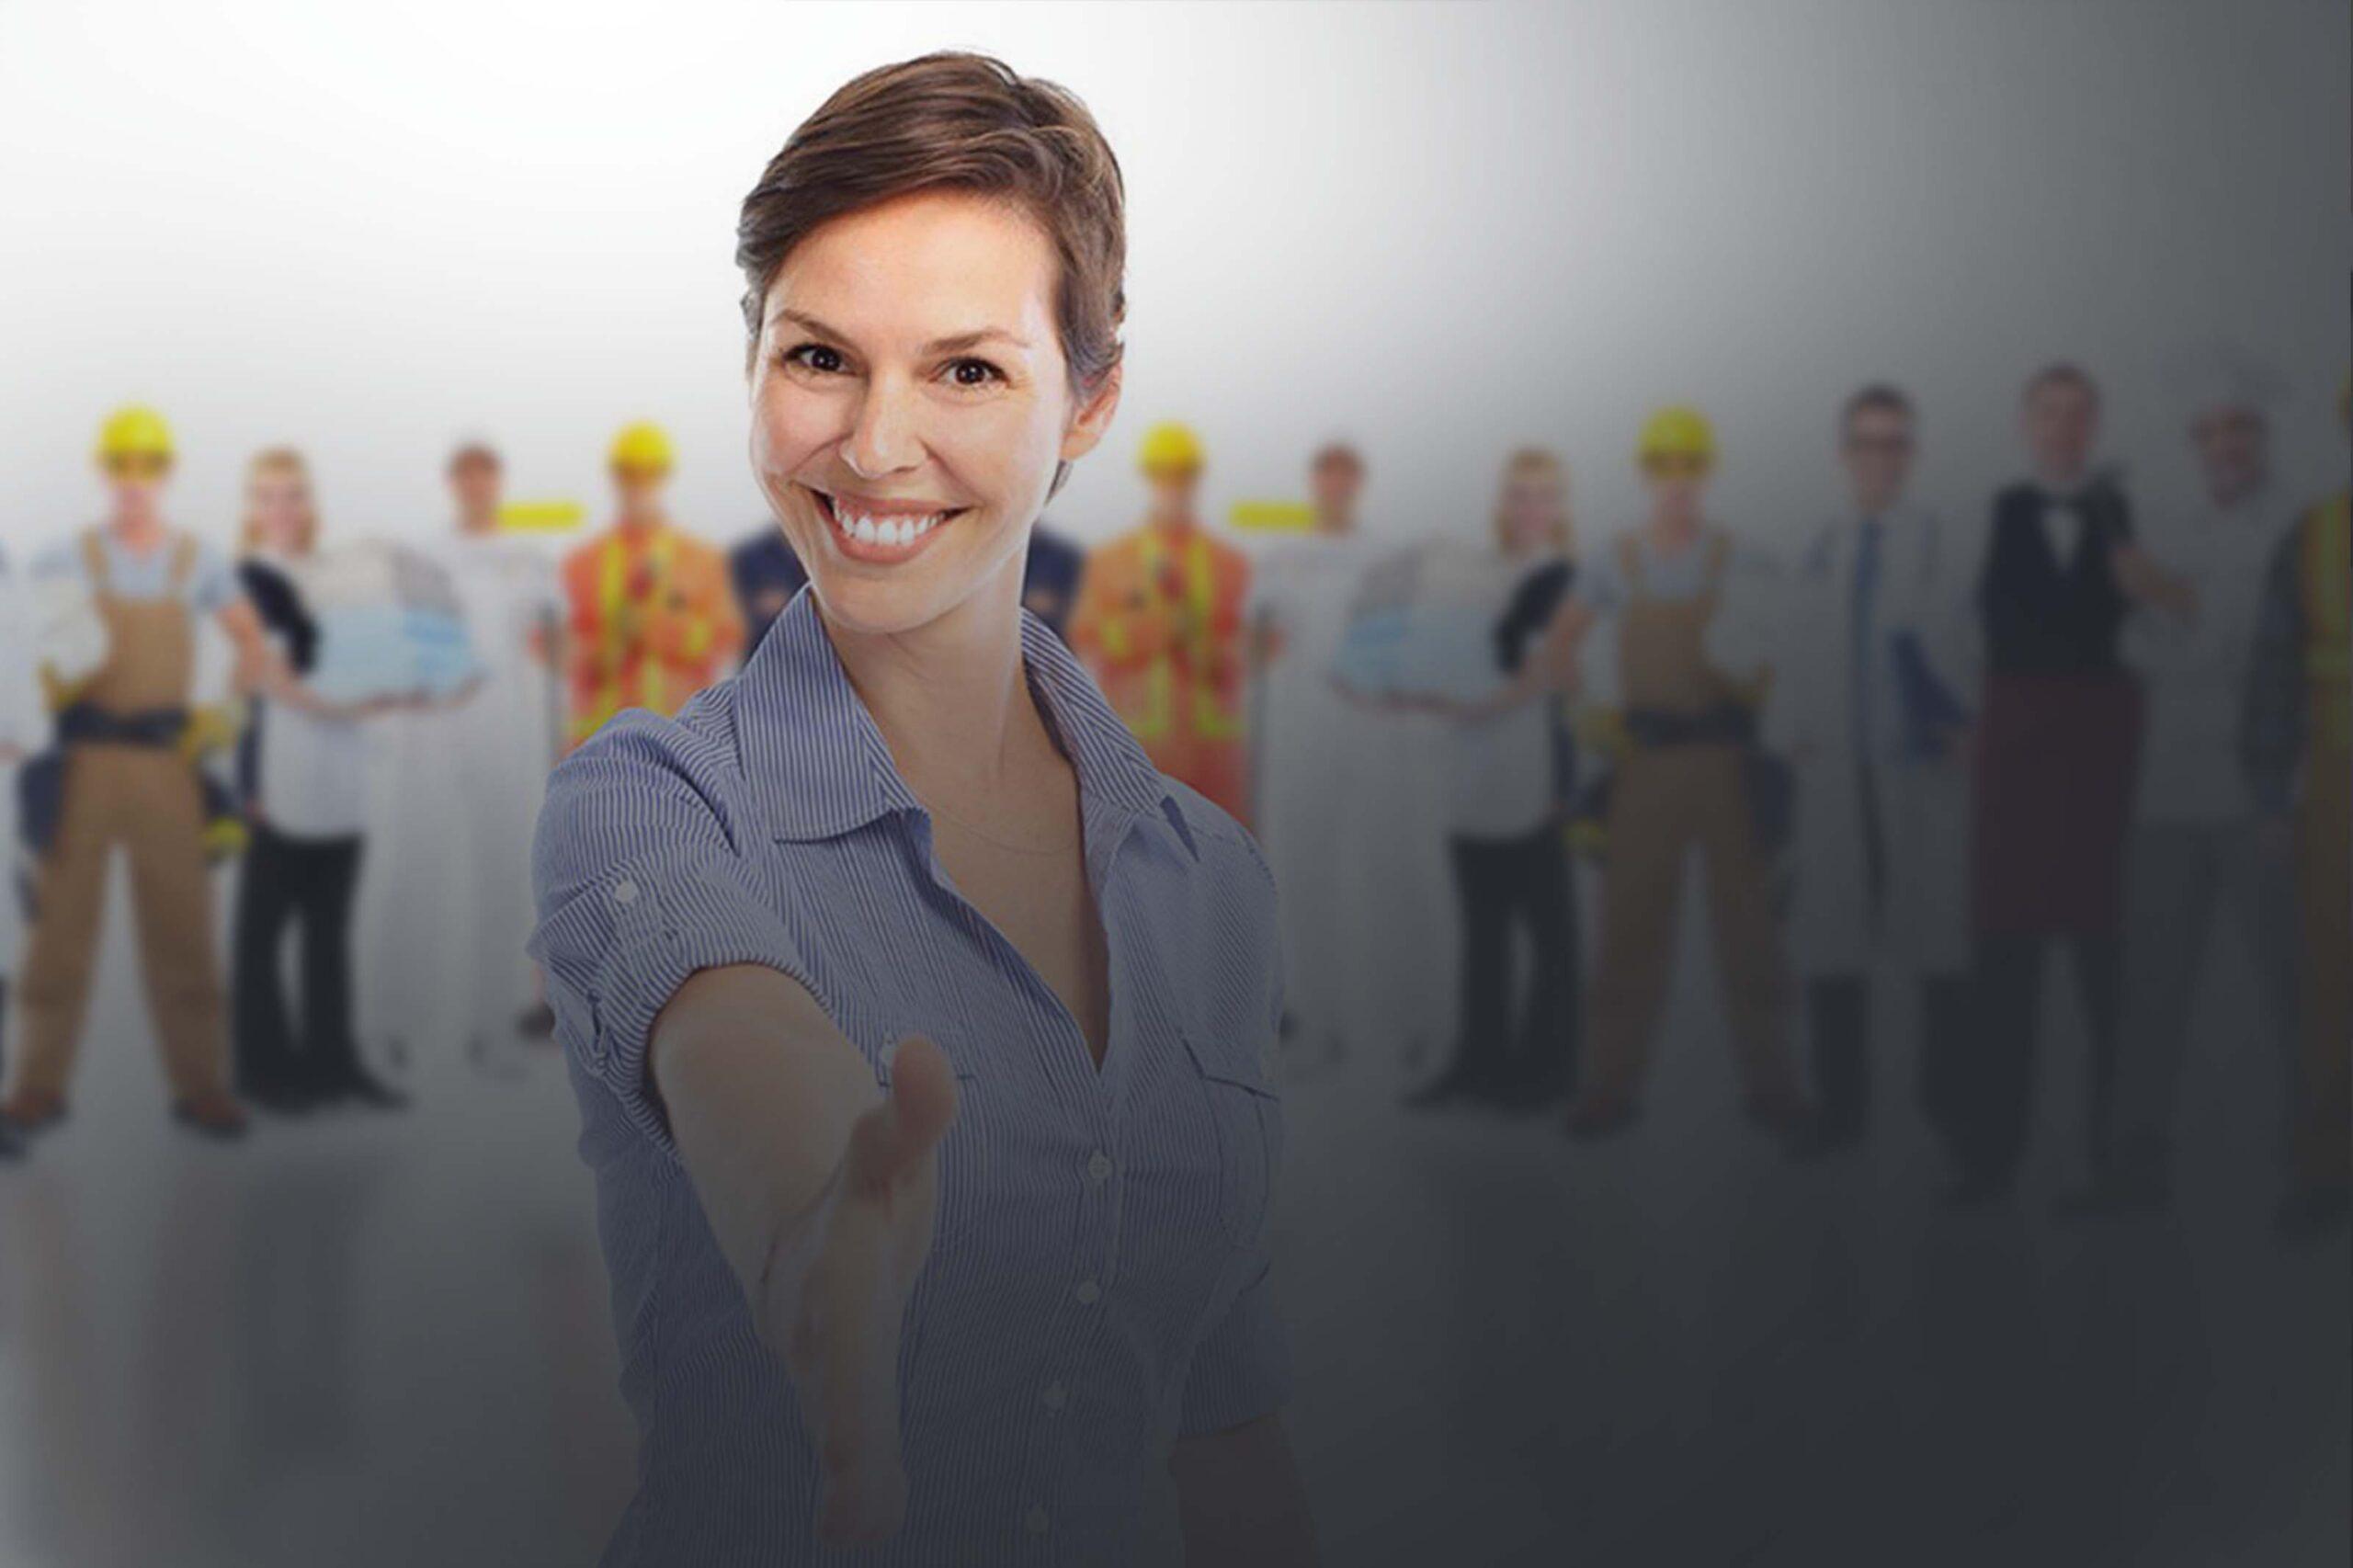 Indennità-per-lavoratori-autonomi-iscritti-alla-gestione-separata